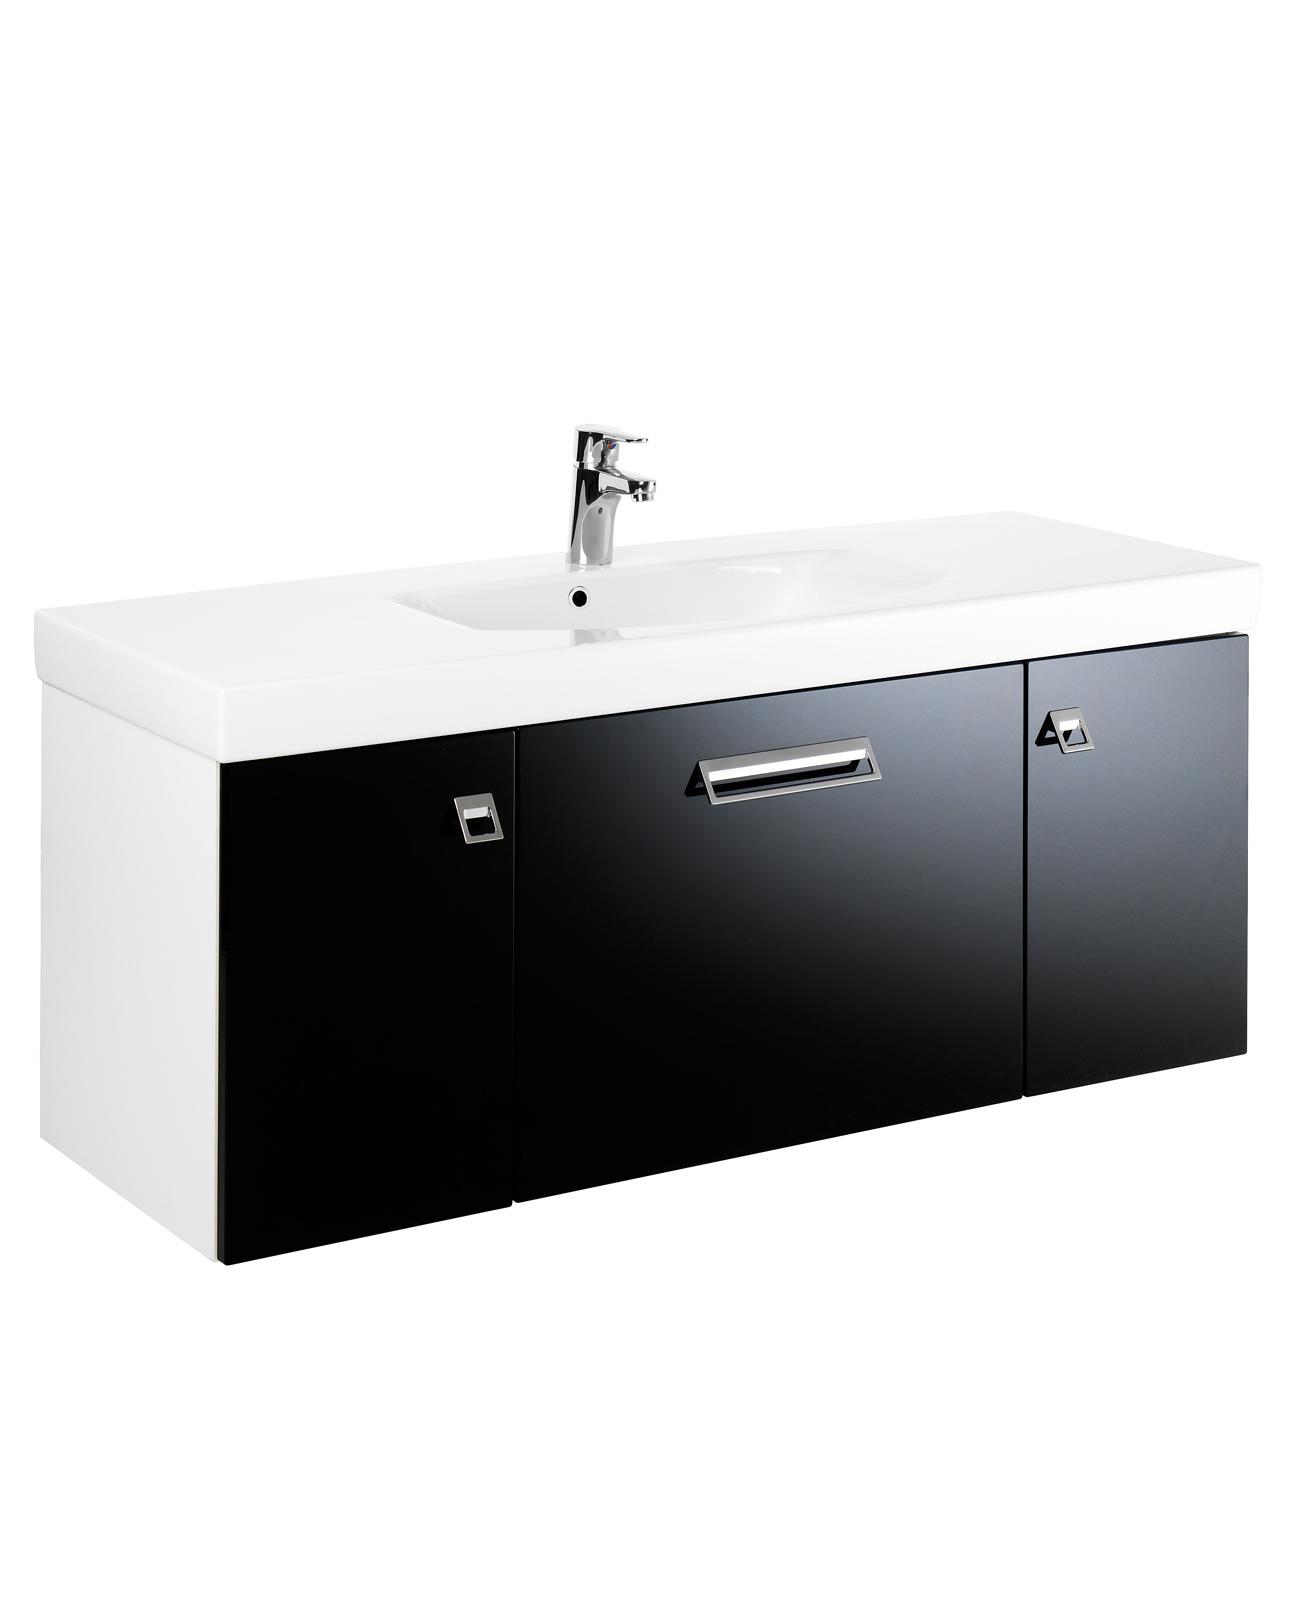 Flexibla badrumsmöbler med stor badrumsförvaring - Graphic